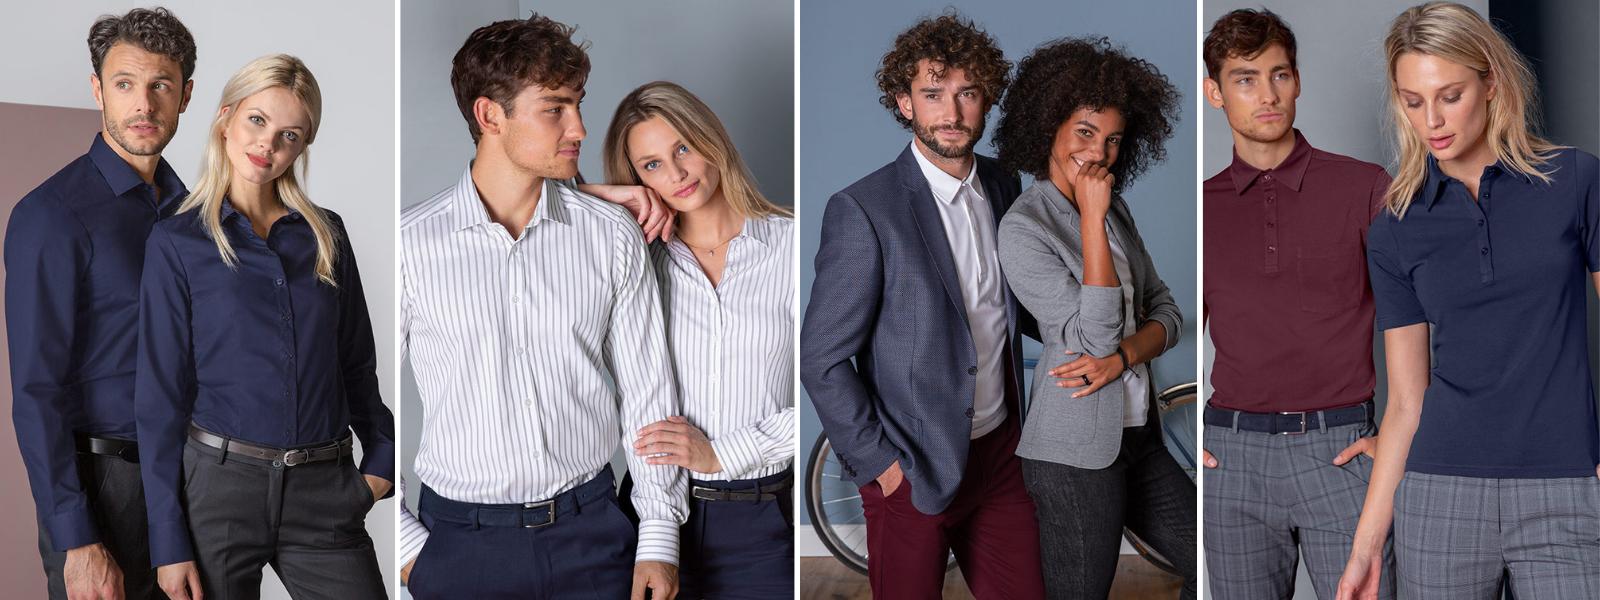 Новая_коллекция_корпоративной_одежды_Greif_доступна_к_заказу_в_PROFITEX_(1)